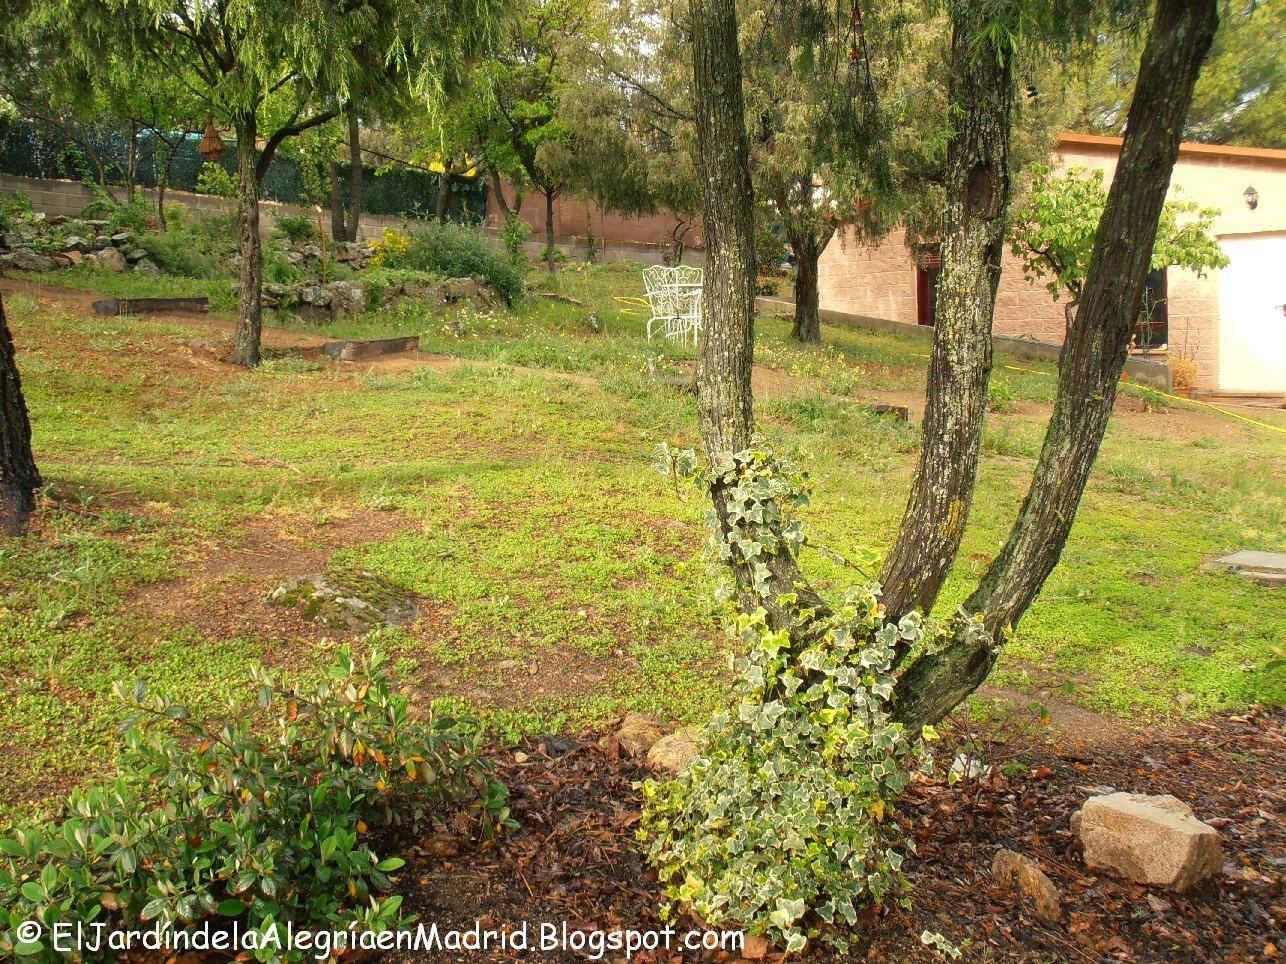 El jard n de la alegr a yo salgo con la lluvia como los for Caracoles de jardin como eliminarlos